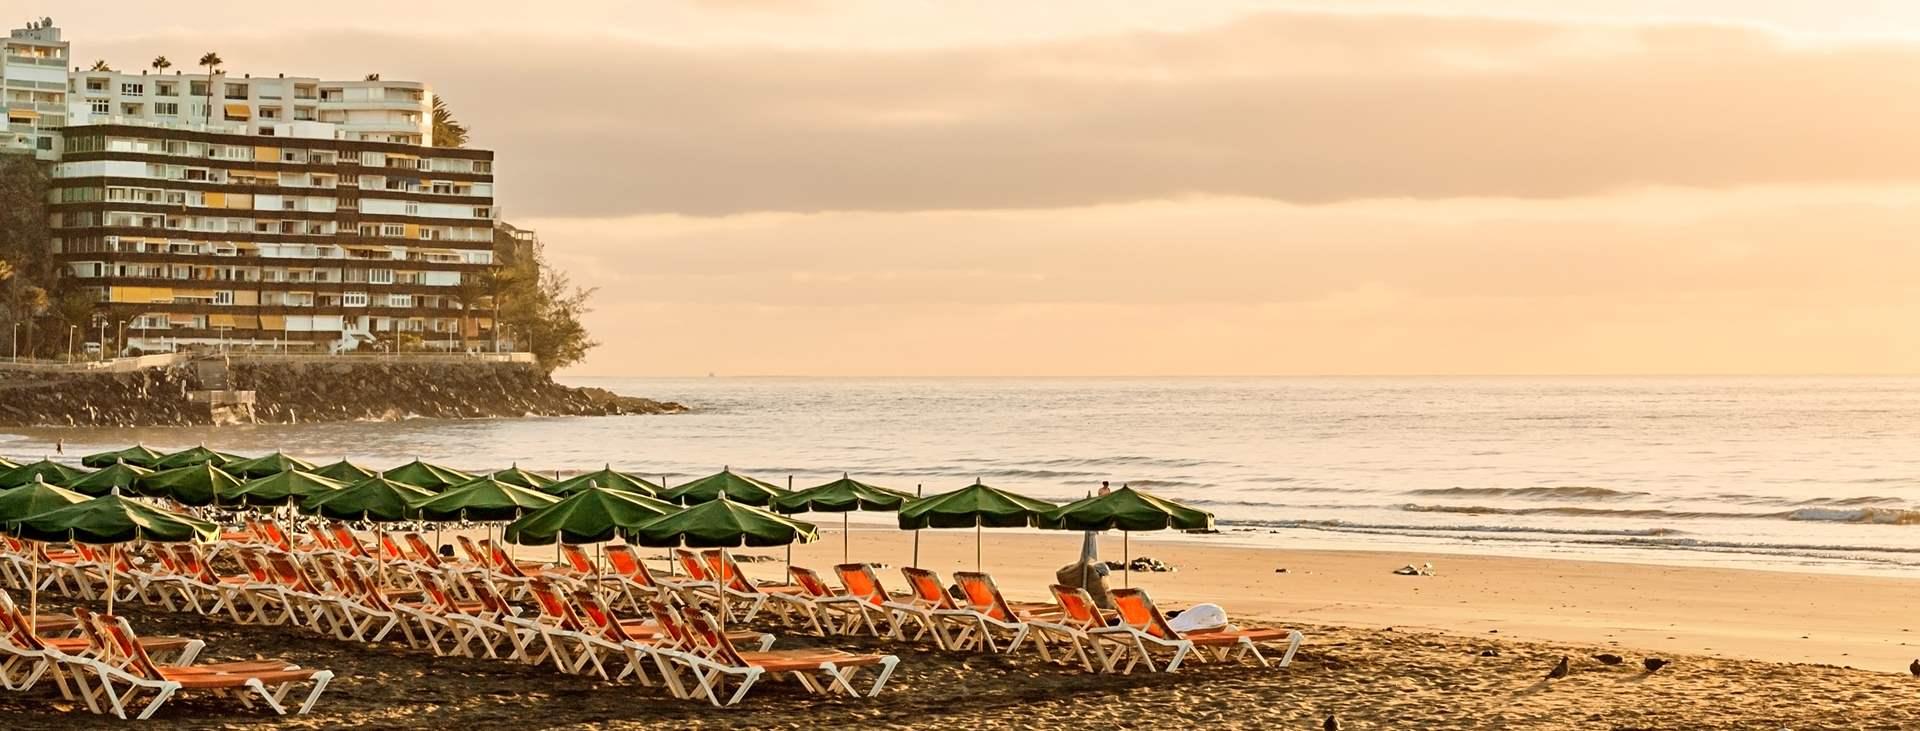 Lähde Tjäreborgin lomalle San Agustiniin, Gran Canarialle